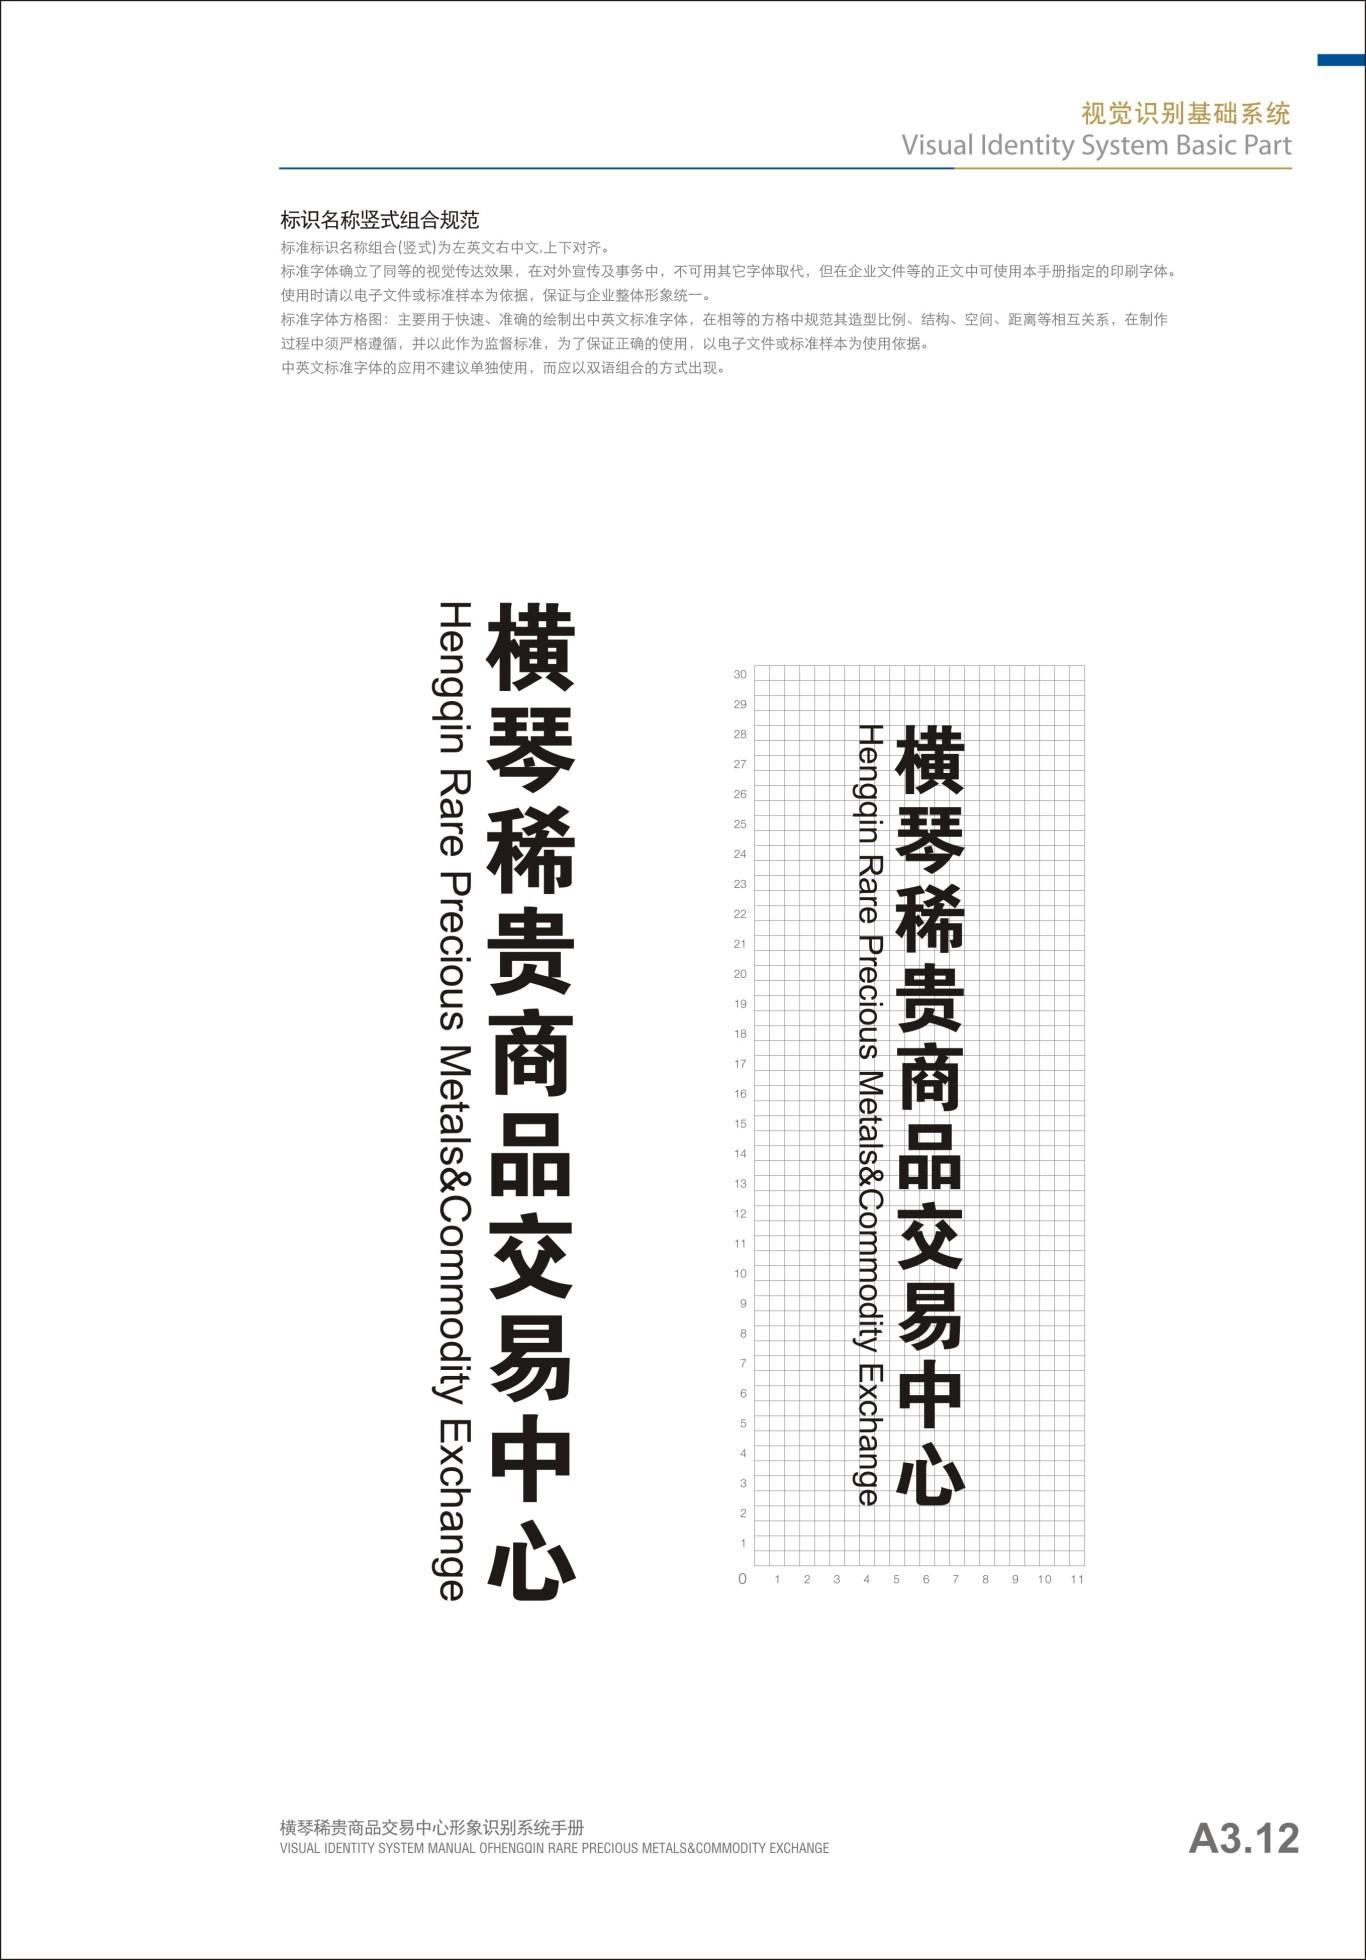 贵金属行业横琴稀贵VI手册设计图5